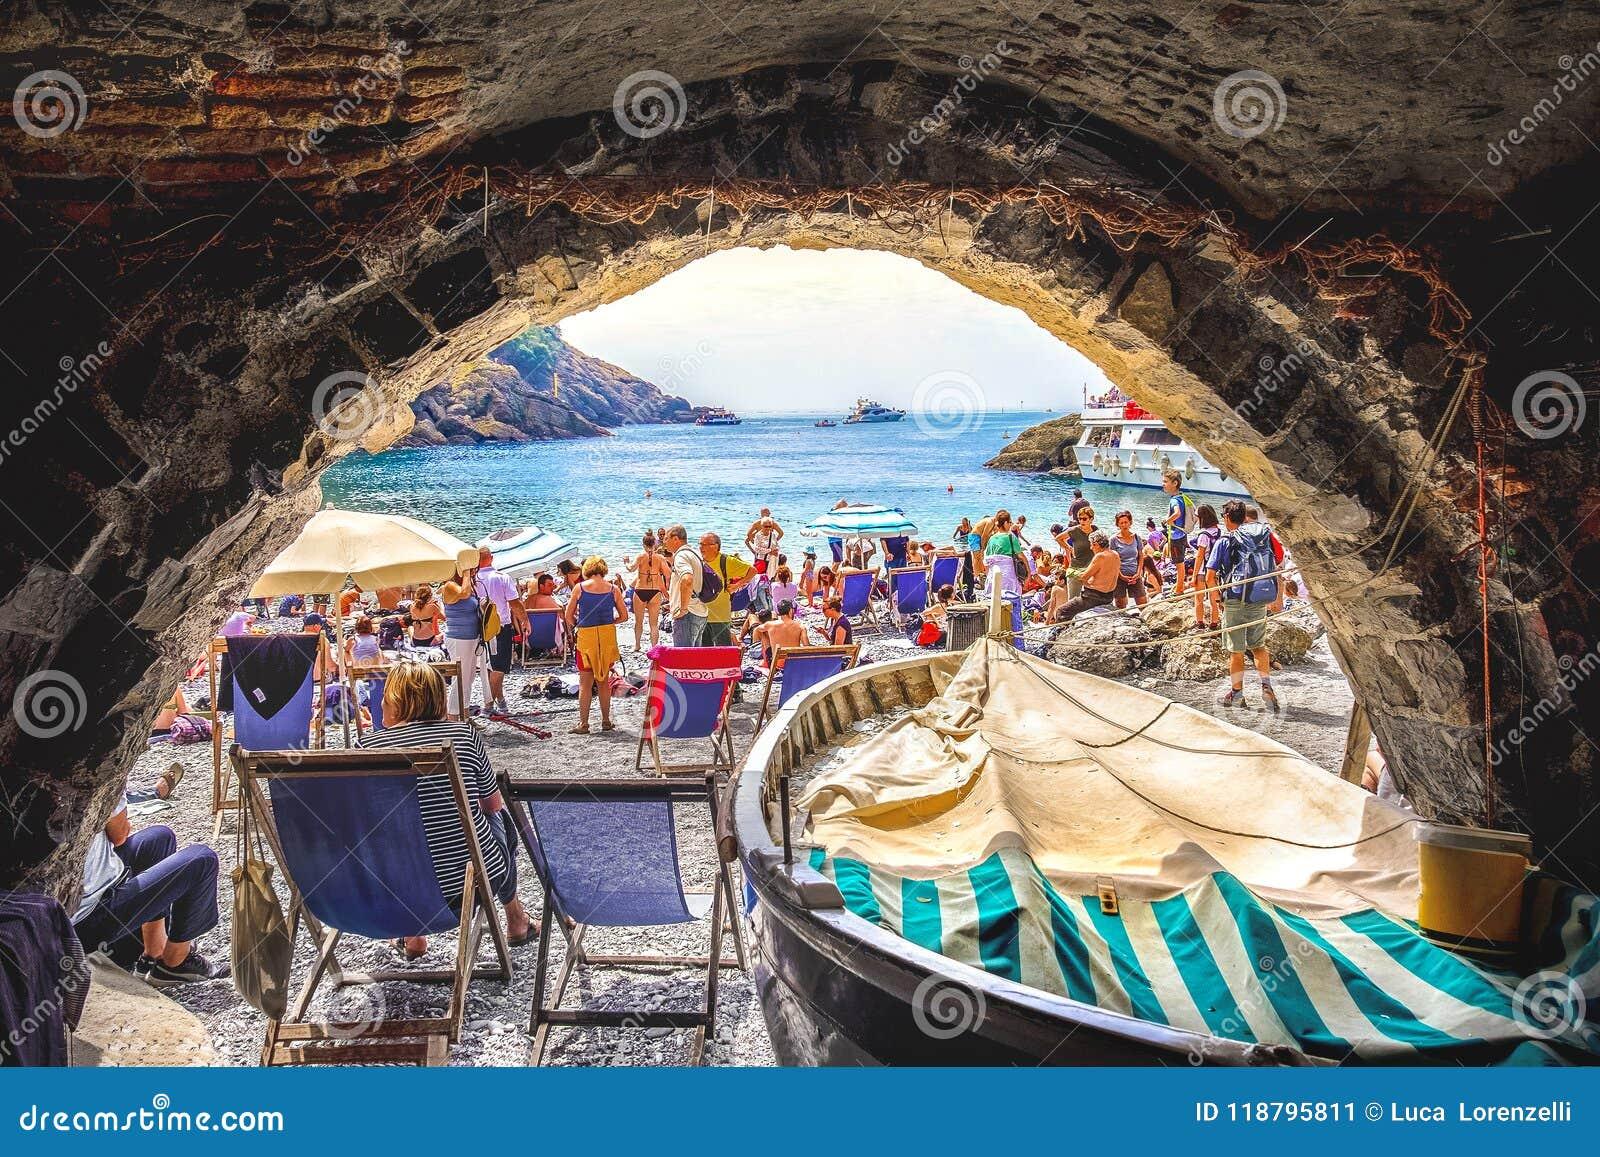 Gedrängt wenigem Strand in Italien - Steinbogen - Abtei Sans Fruttuoso - Italiener Riviera - Italien